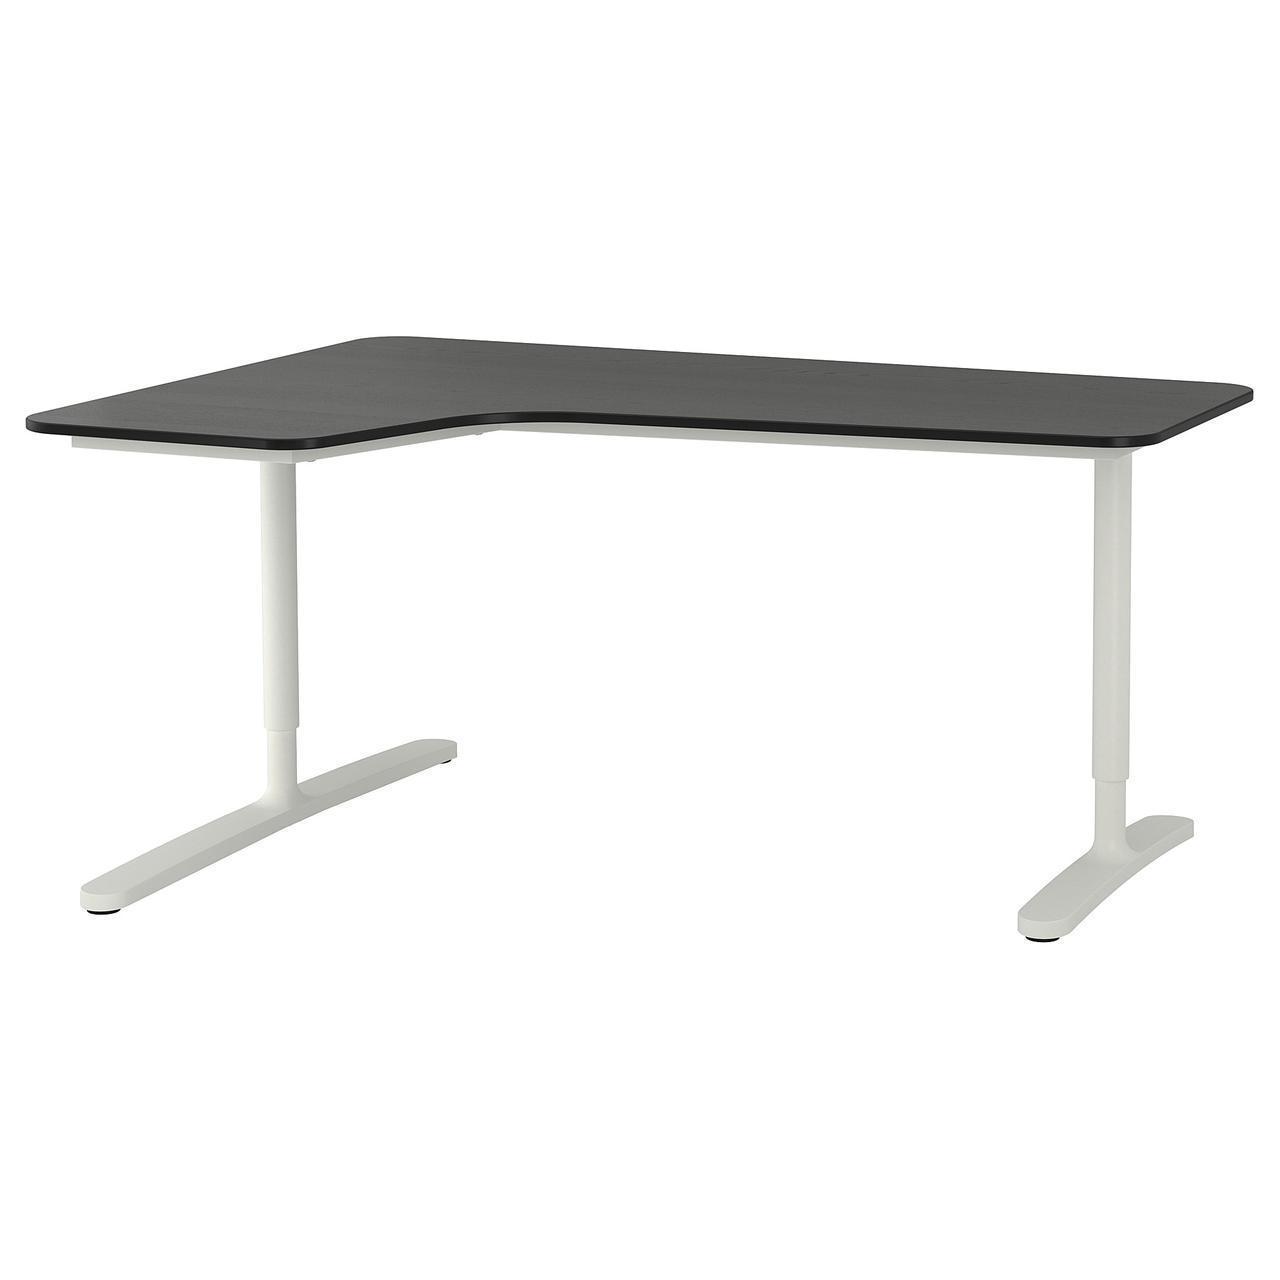 IKEA BEKANT Угловой стол левый, черный окрашенный ясень шпон, белый  (492.828.33)